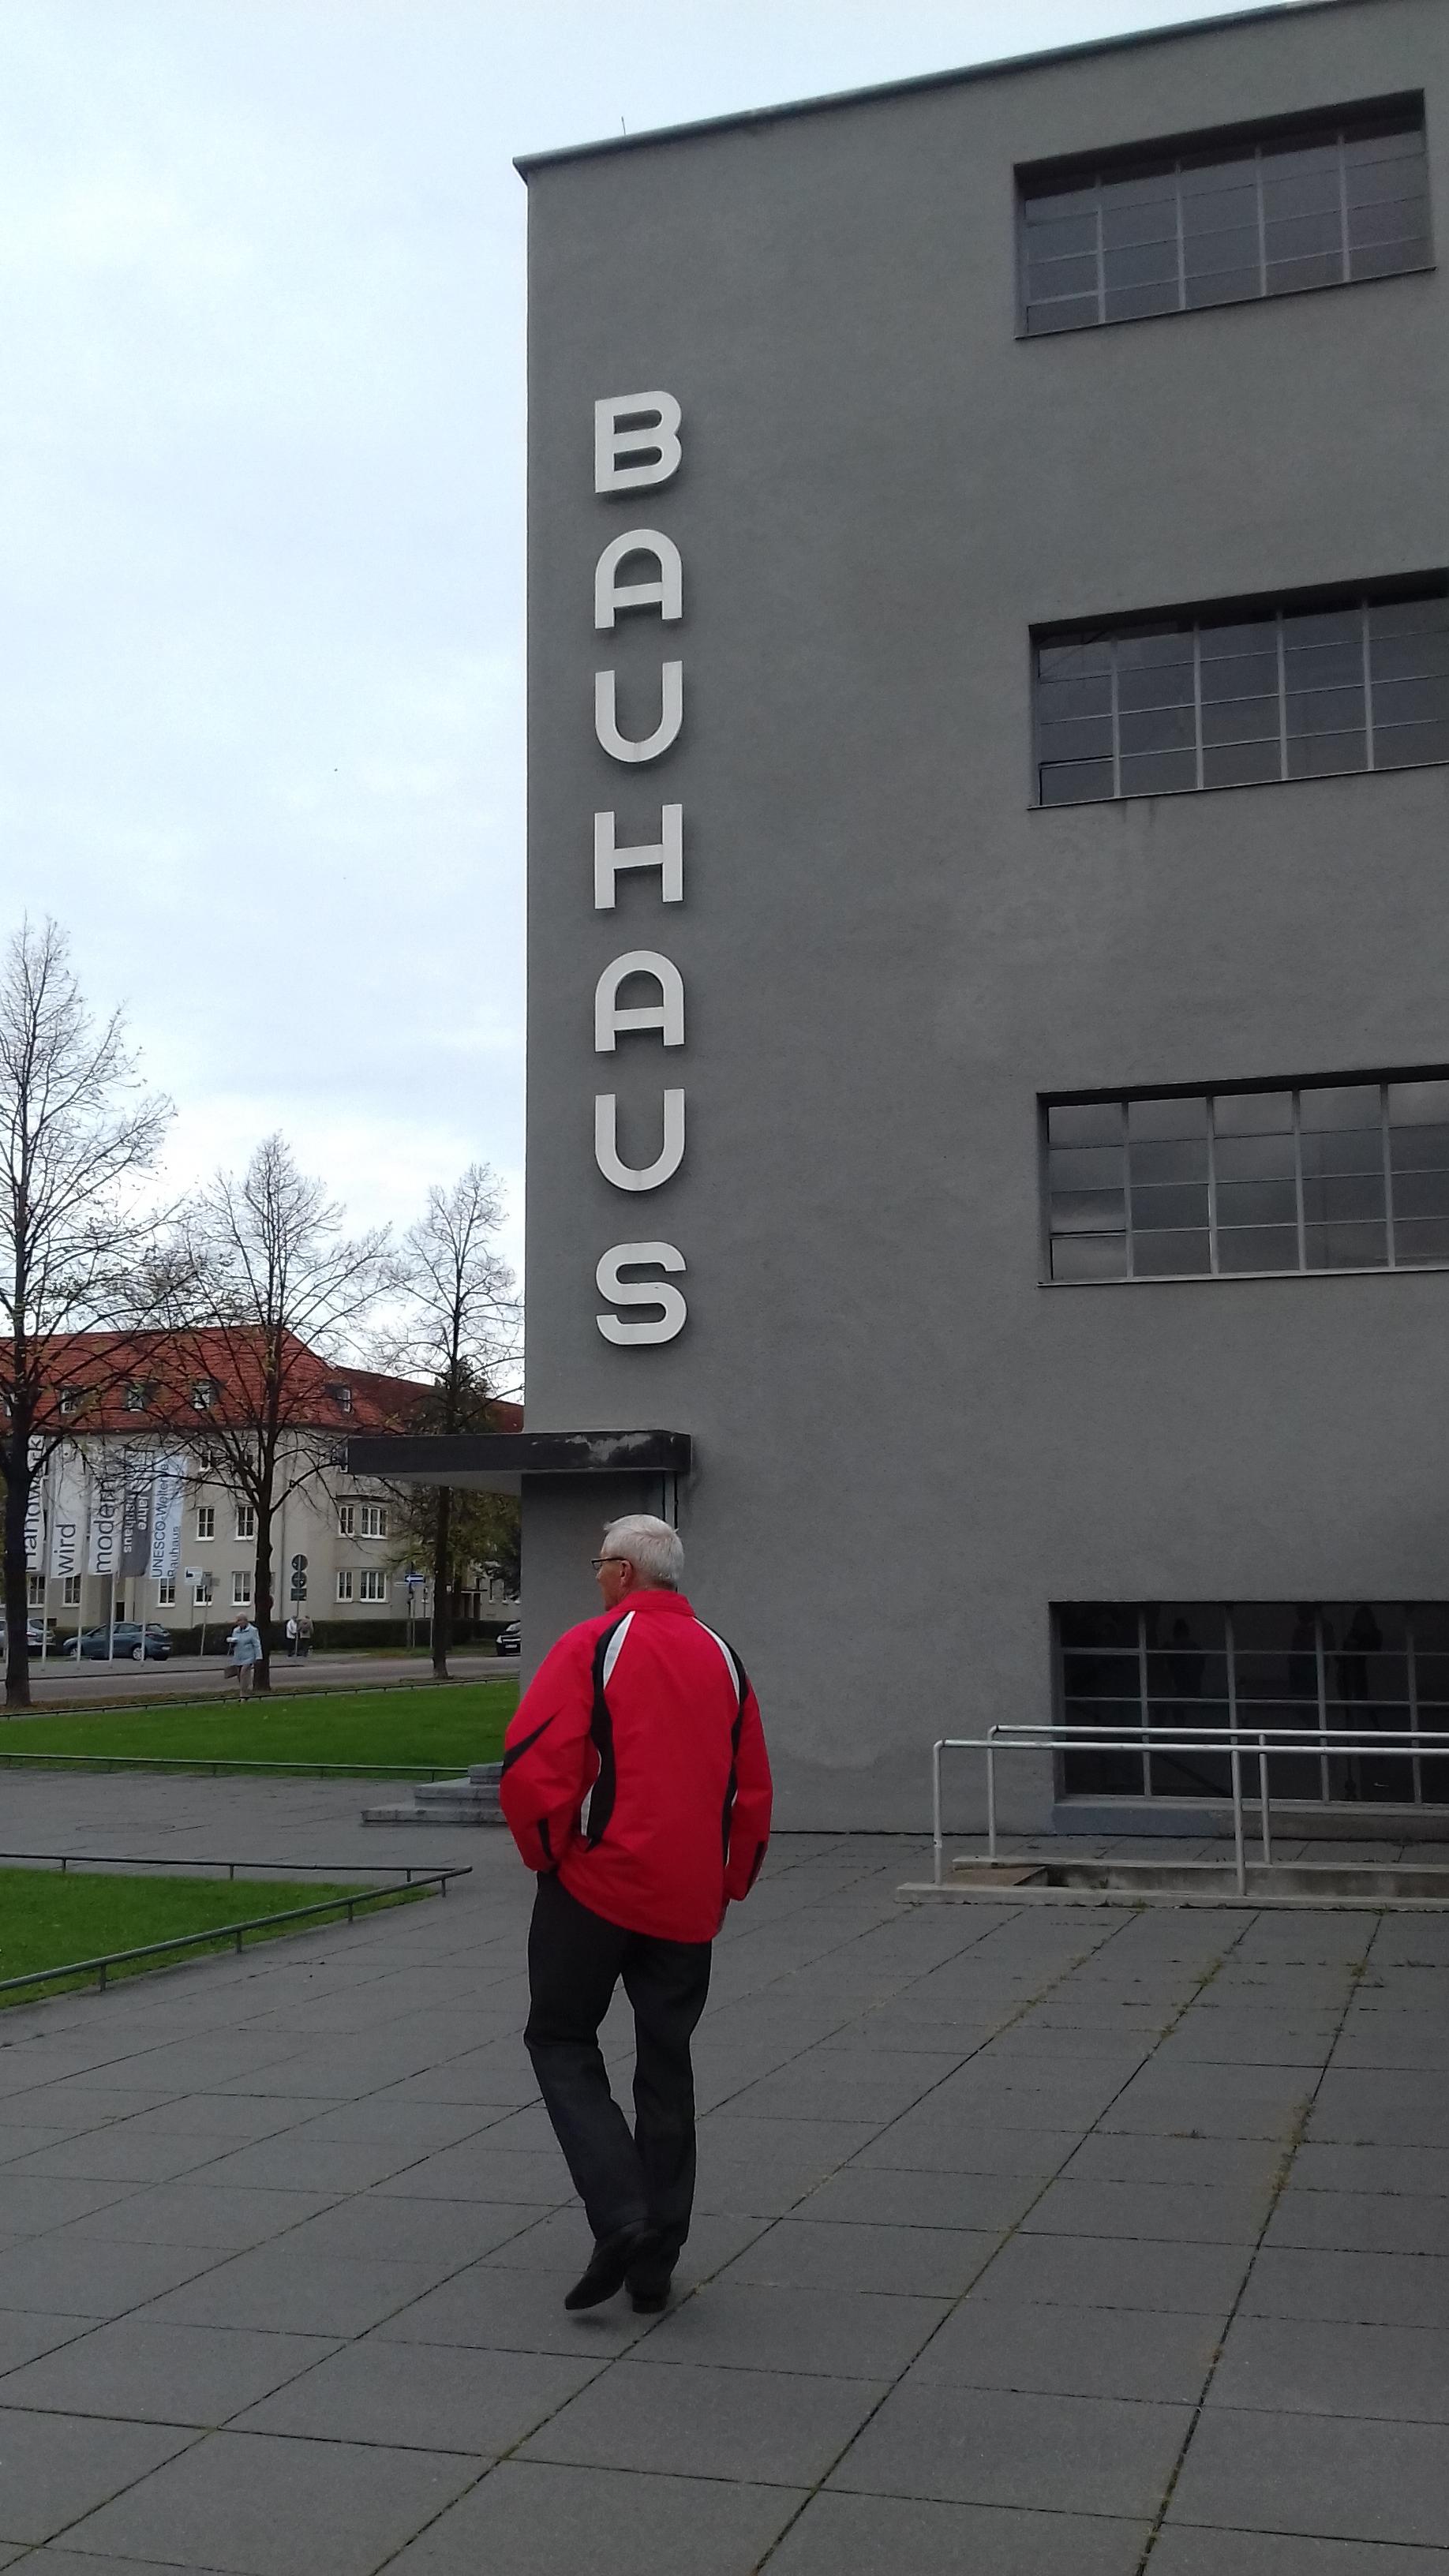 Bauhaus visit